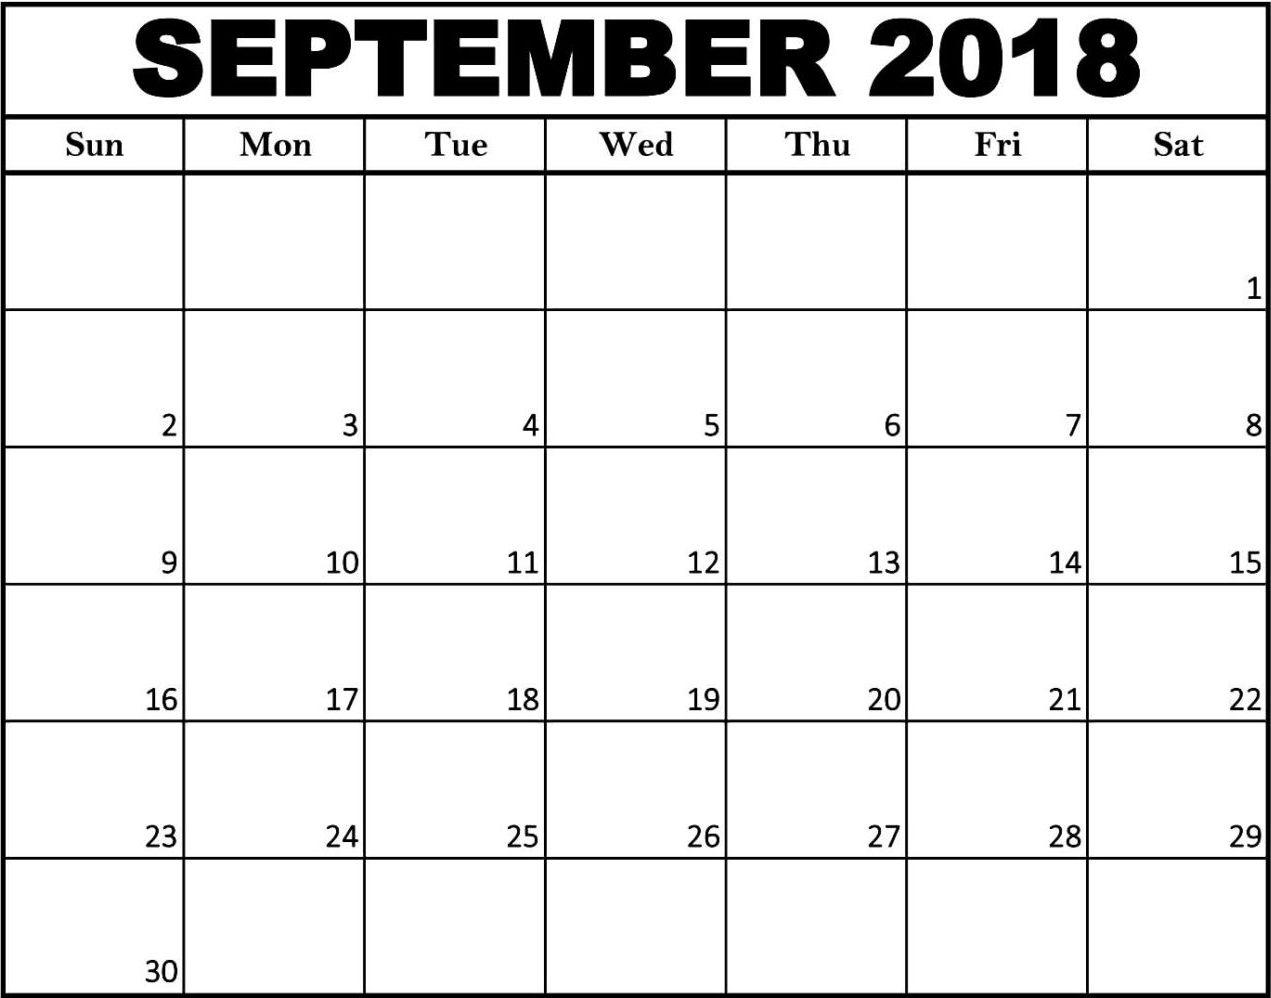 September Calendar 2018 Template intended for September Calendar Printable Template